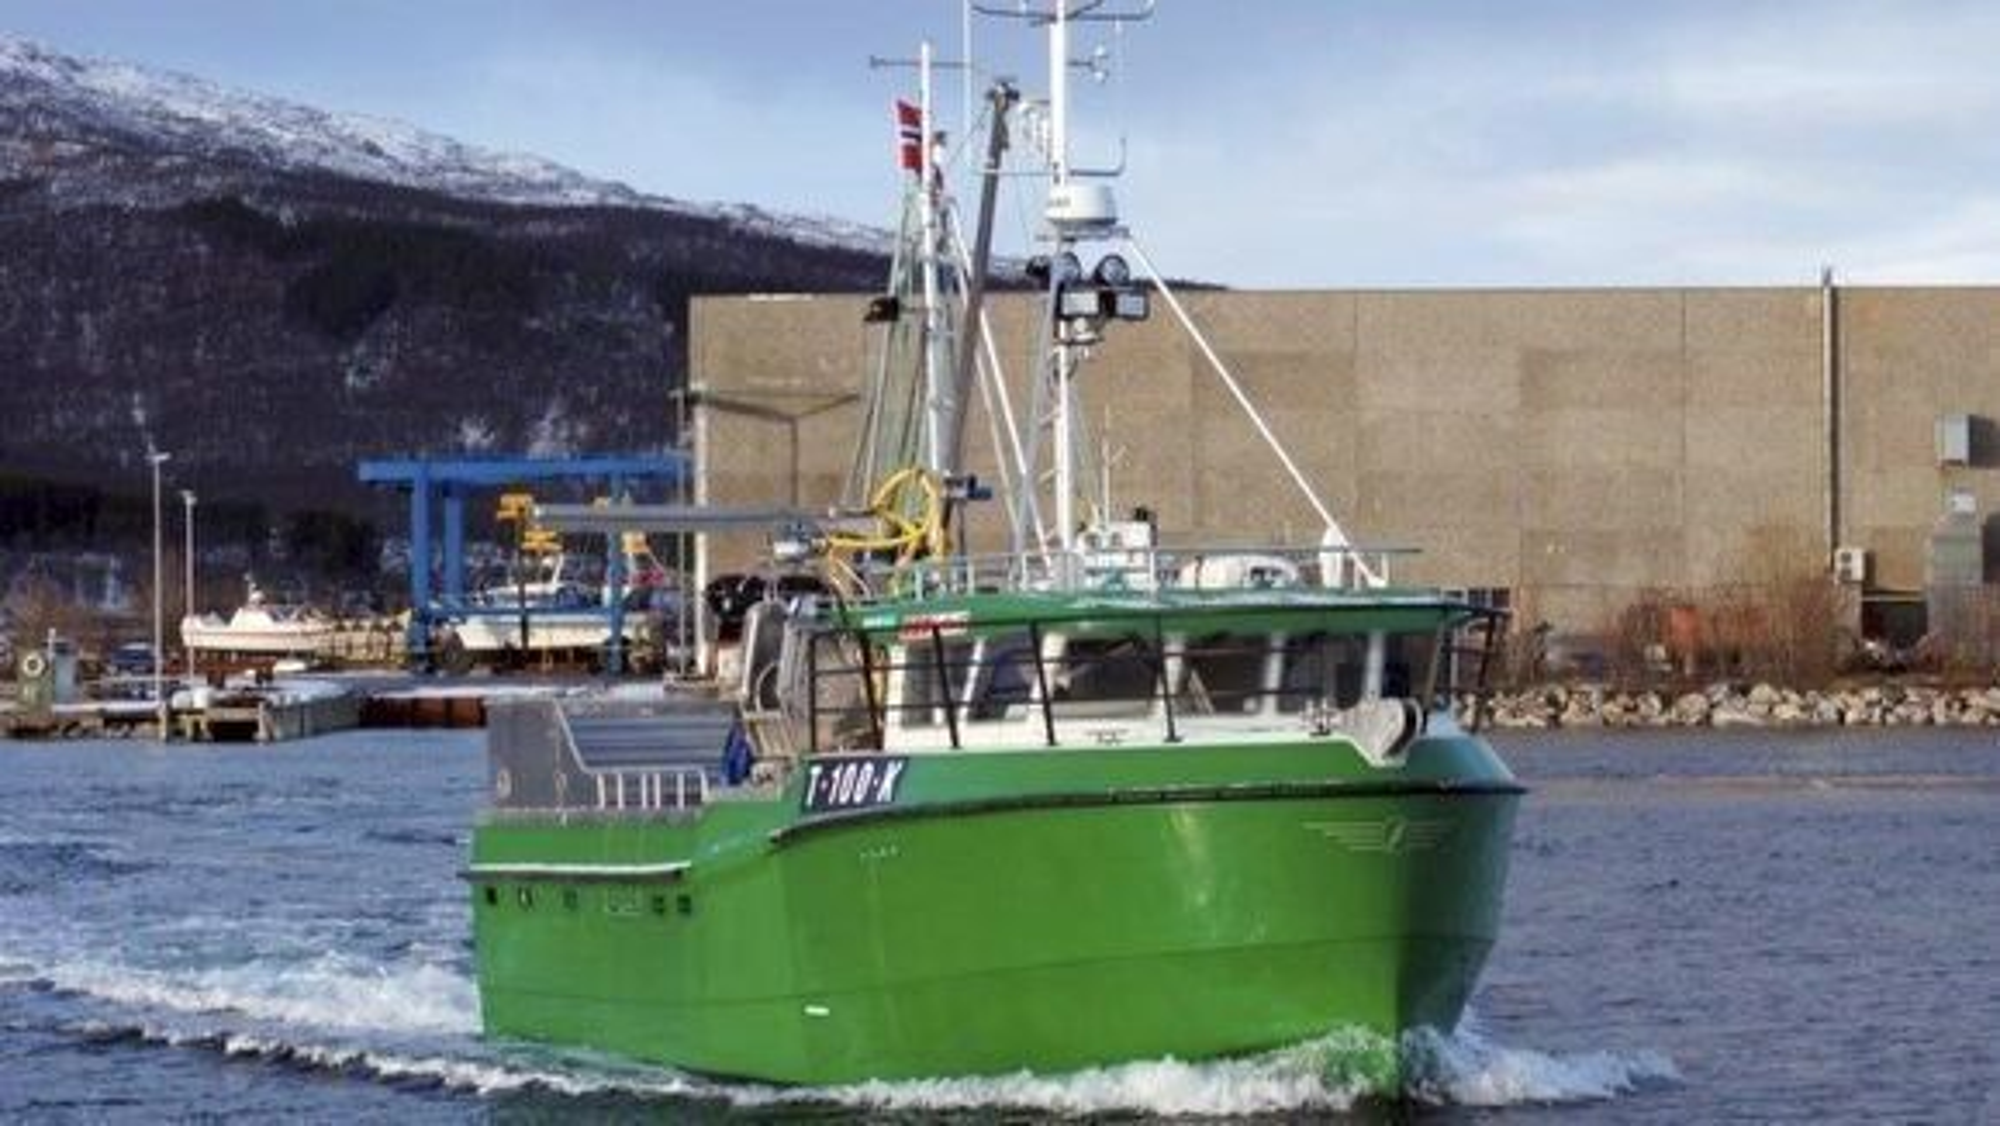 Hybridfiskebåten Karoline er et av klimatiltakene i fiskeflåten.